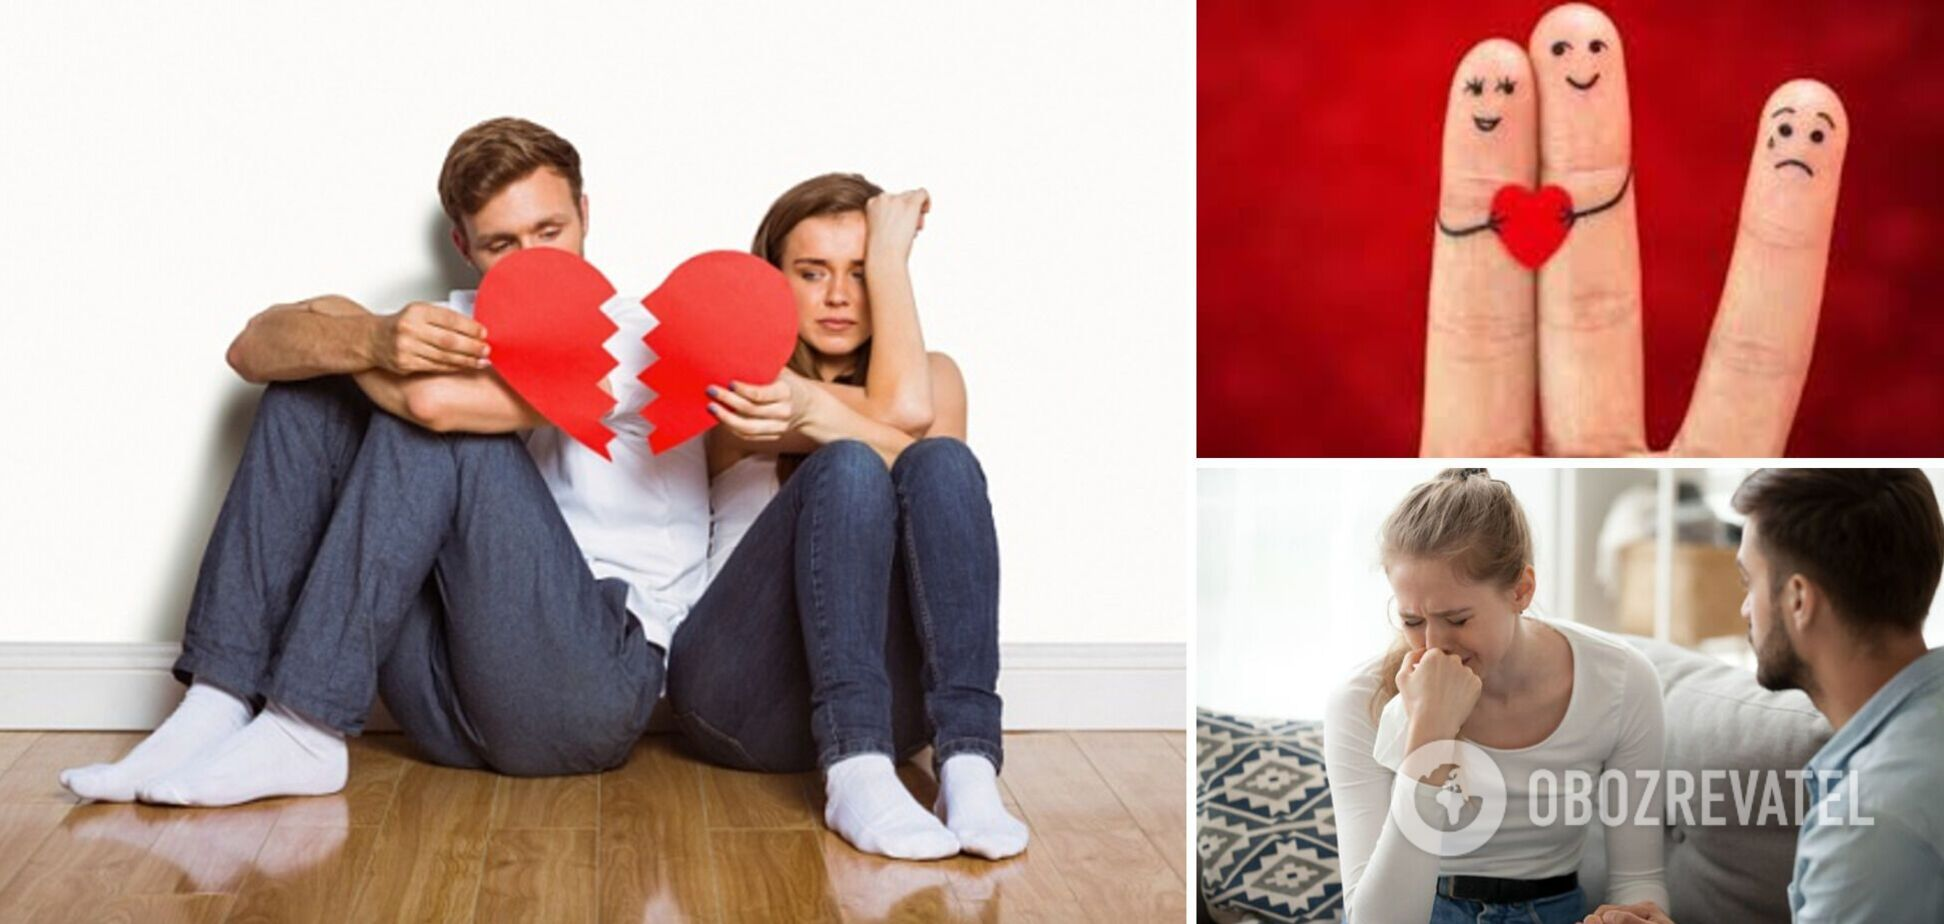 П'ять найбільш ревнивих знаків зодіаку, які не вміють довіряти